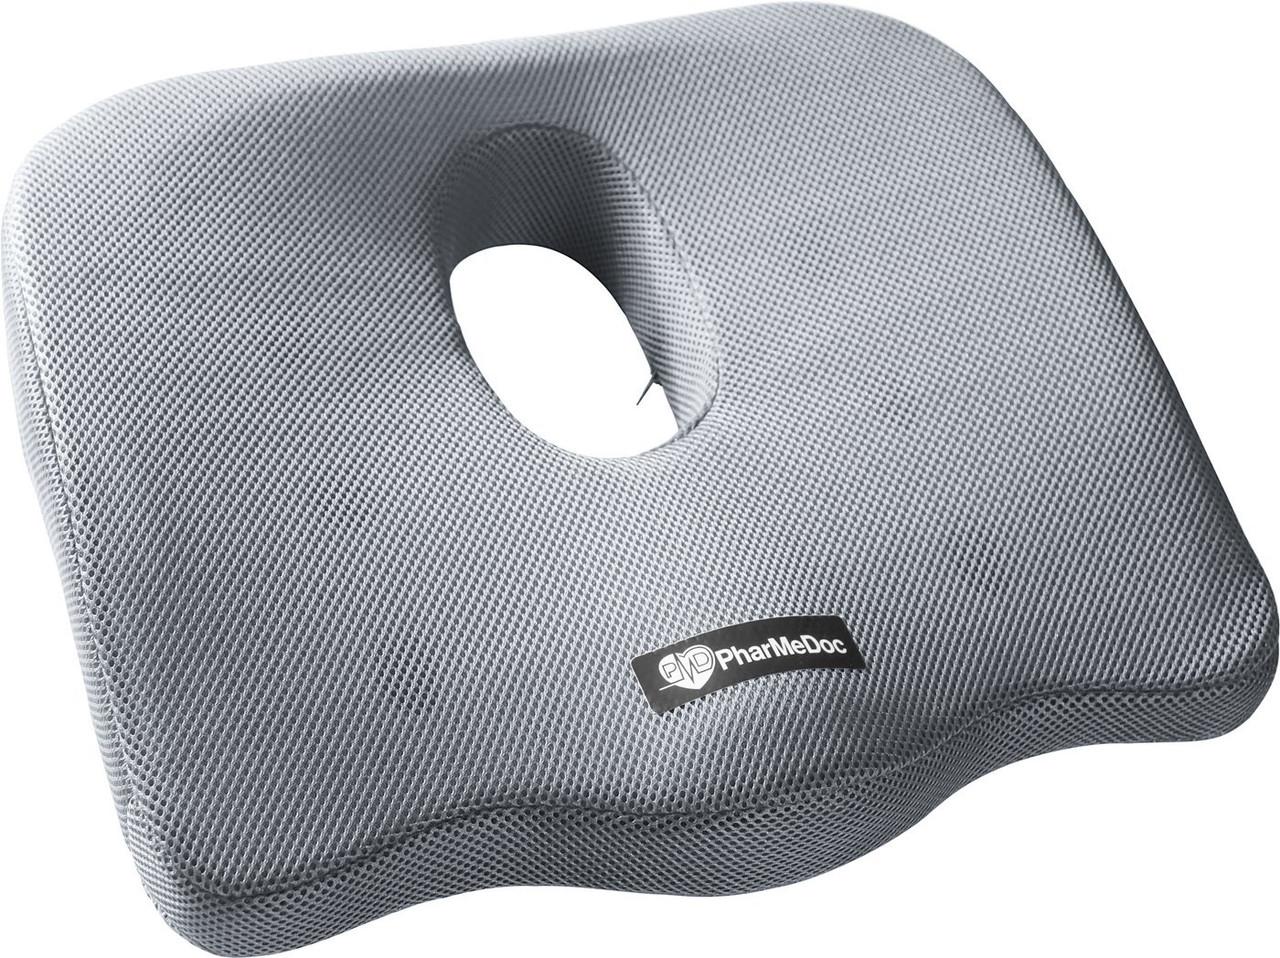 Ортопедическая подушка PharMeDoc Coccyx Seat Cushion для сидения, серая.